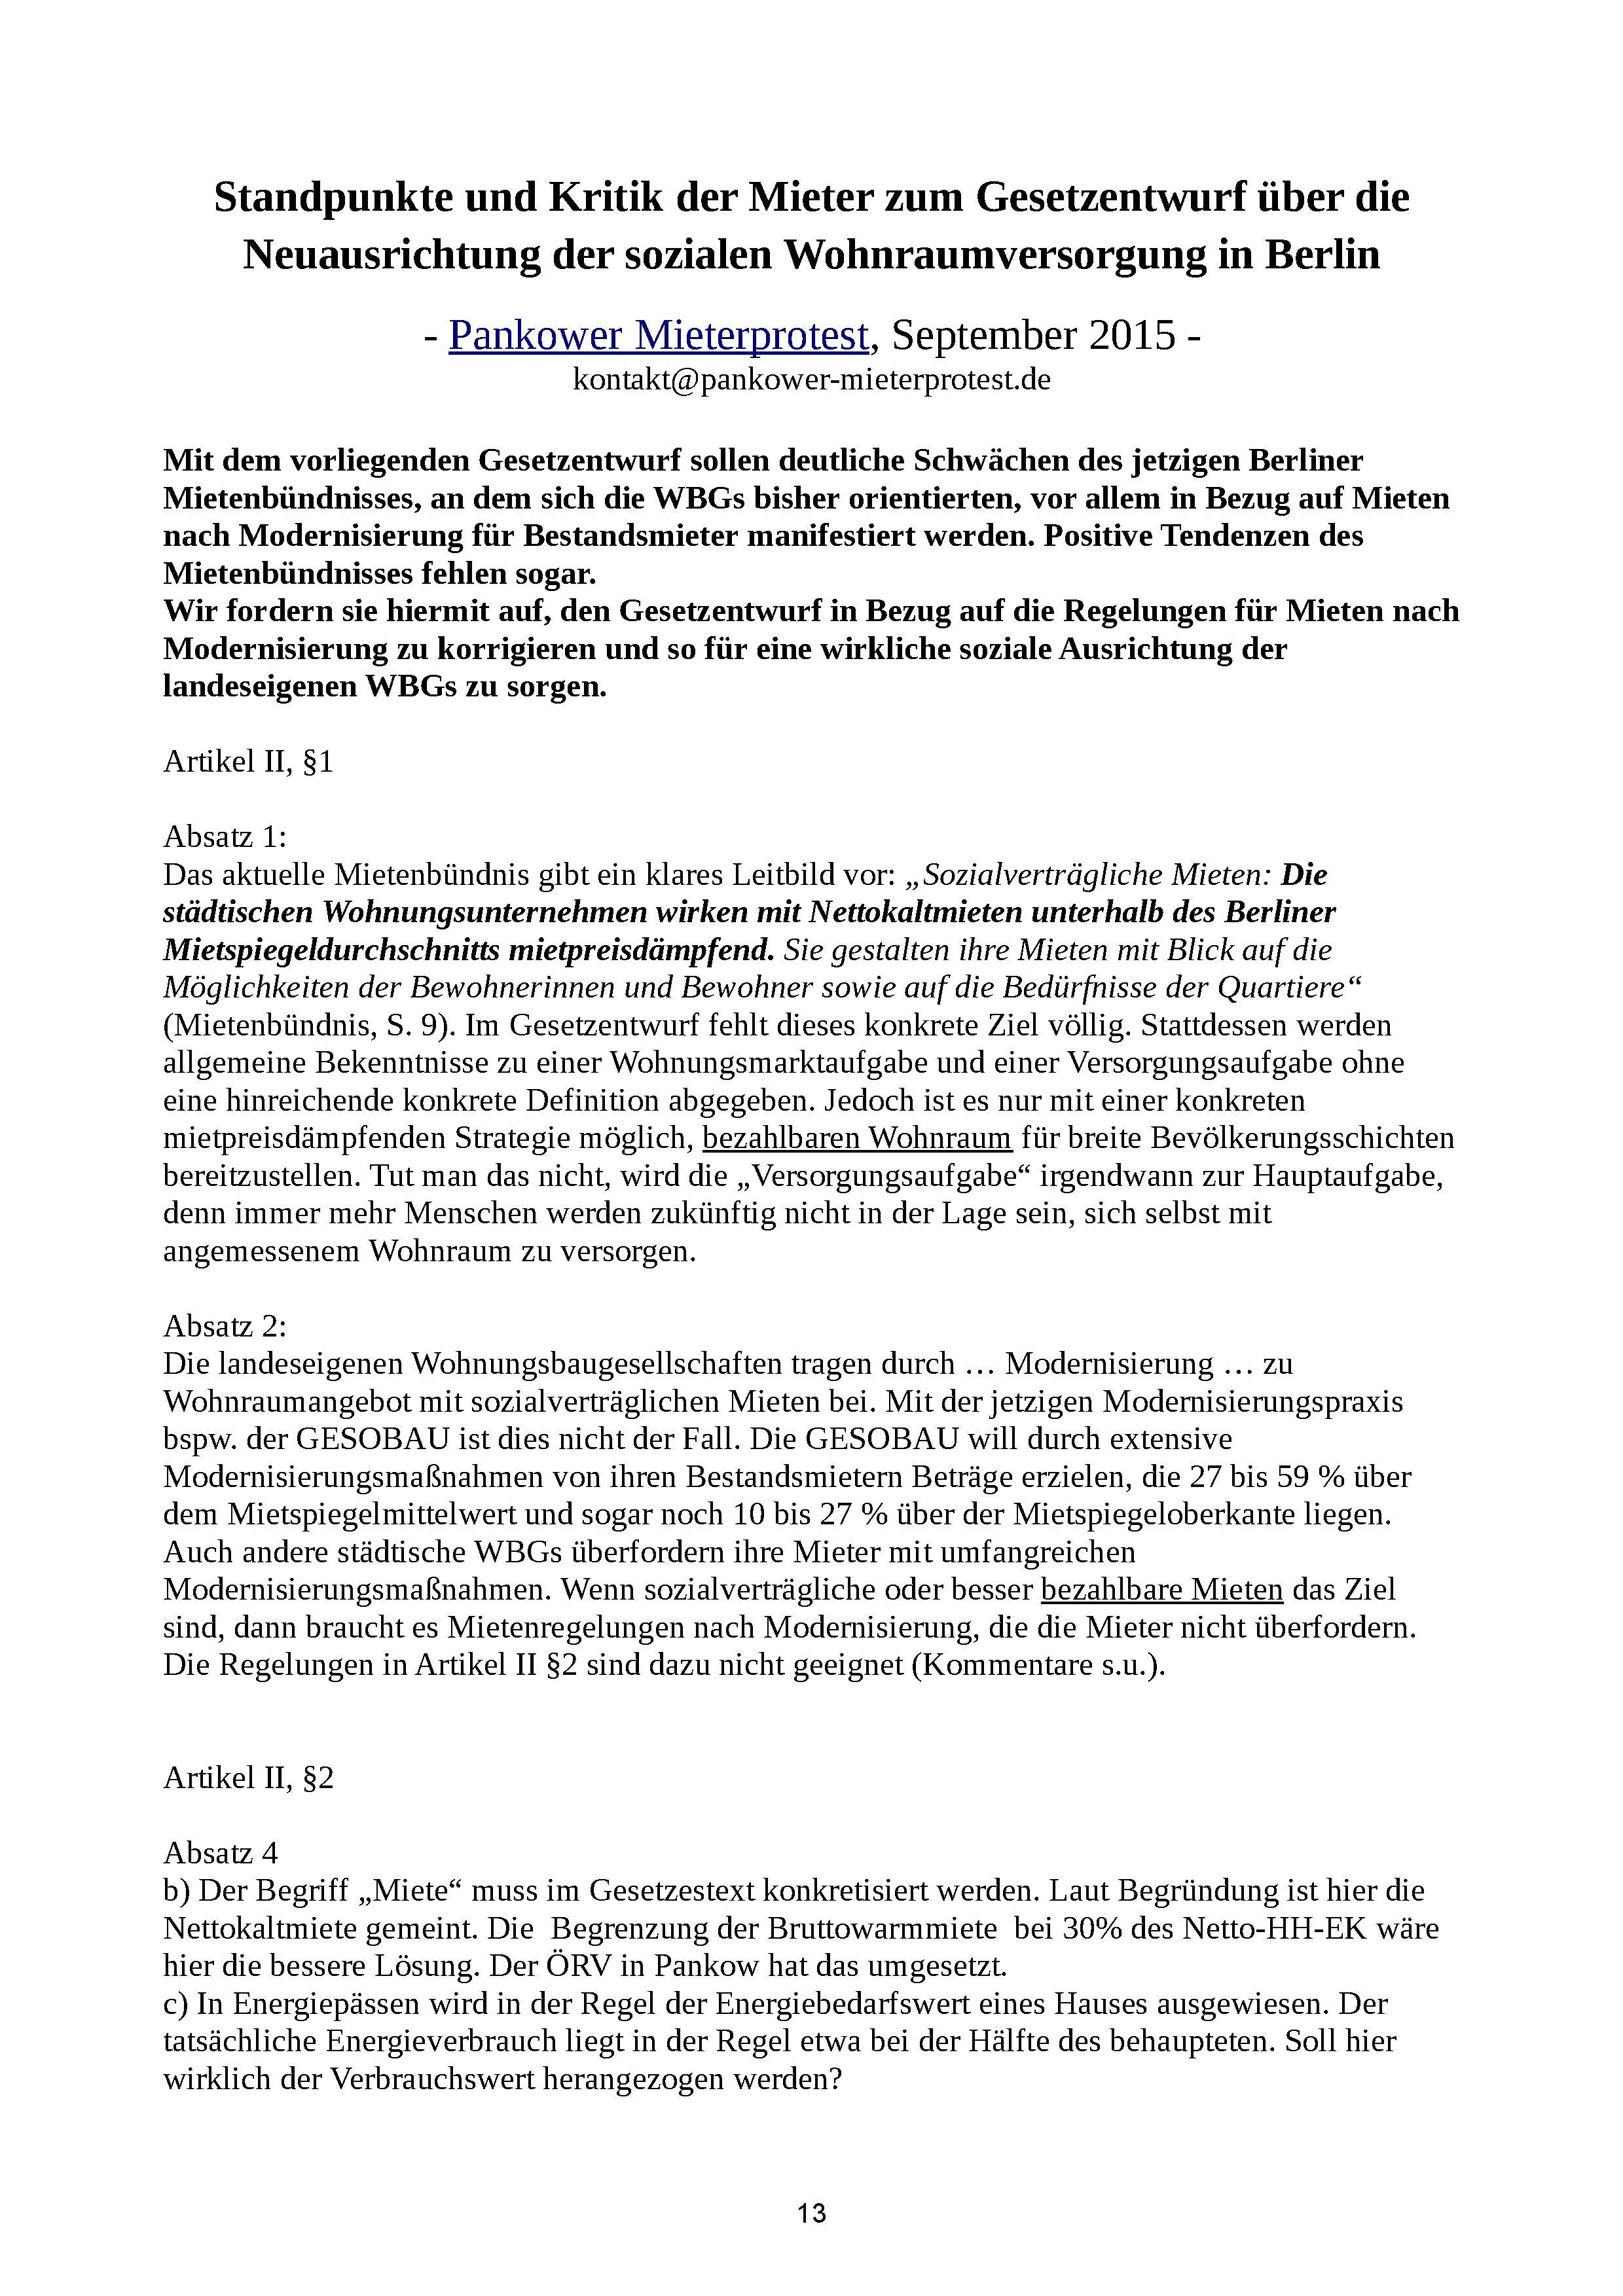 stadtpolitisches_hearing_021116_pressemappe1_seite_14